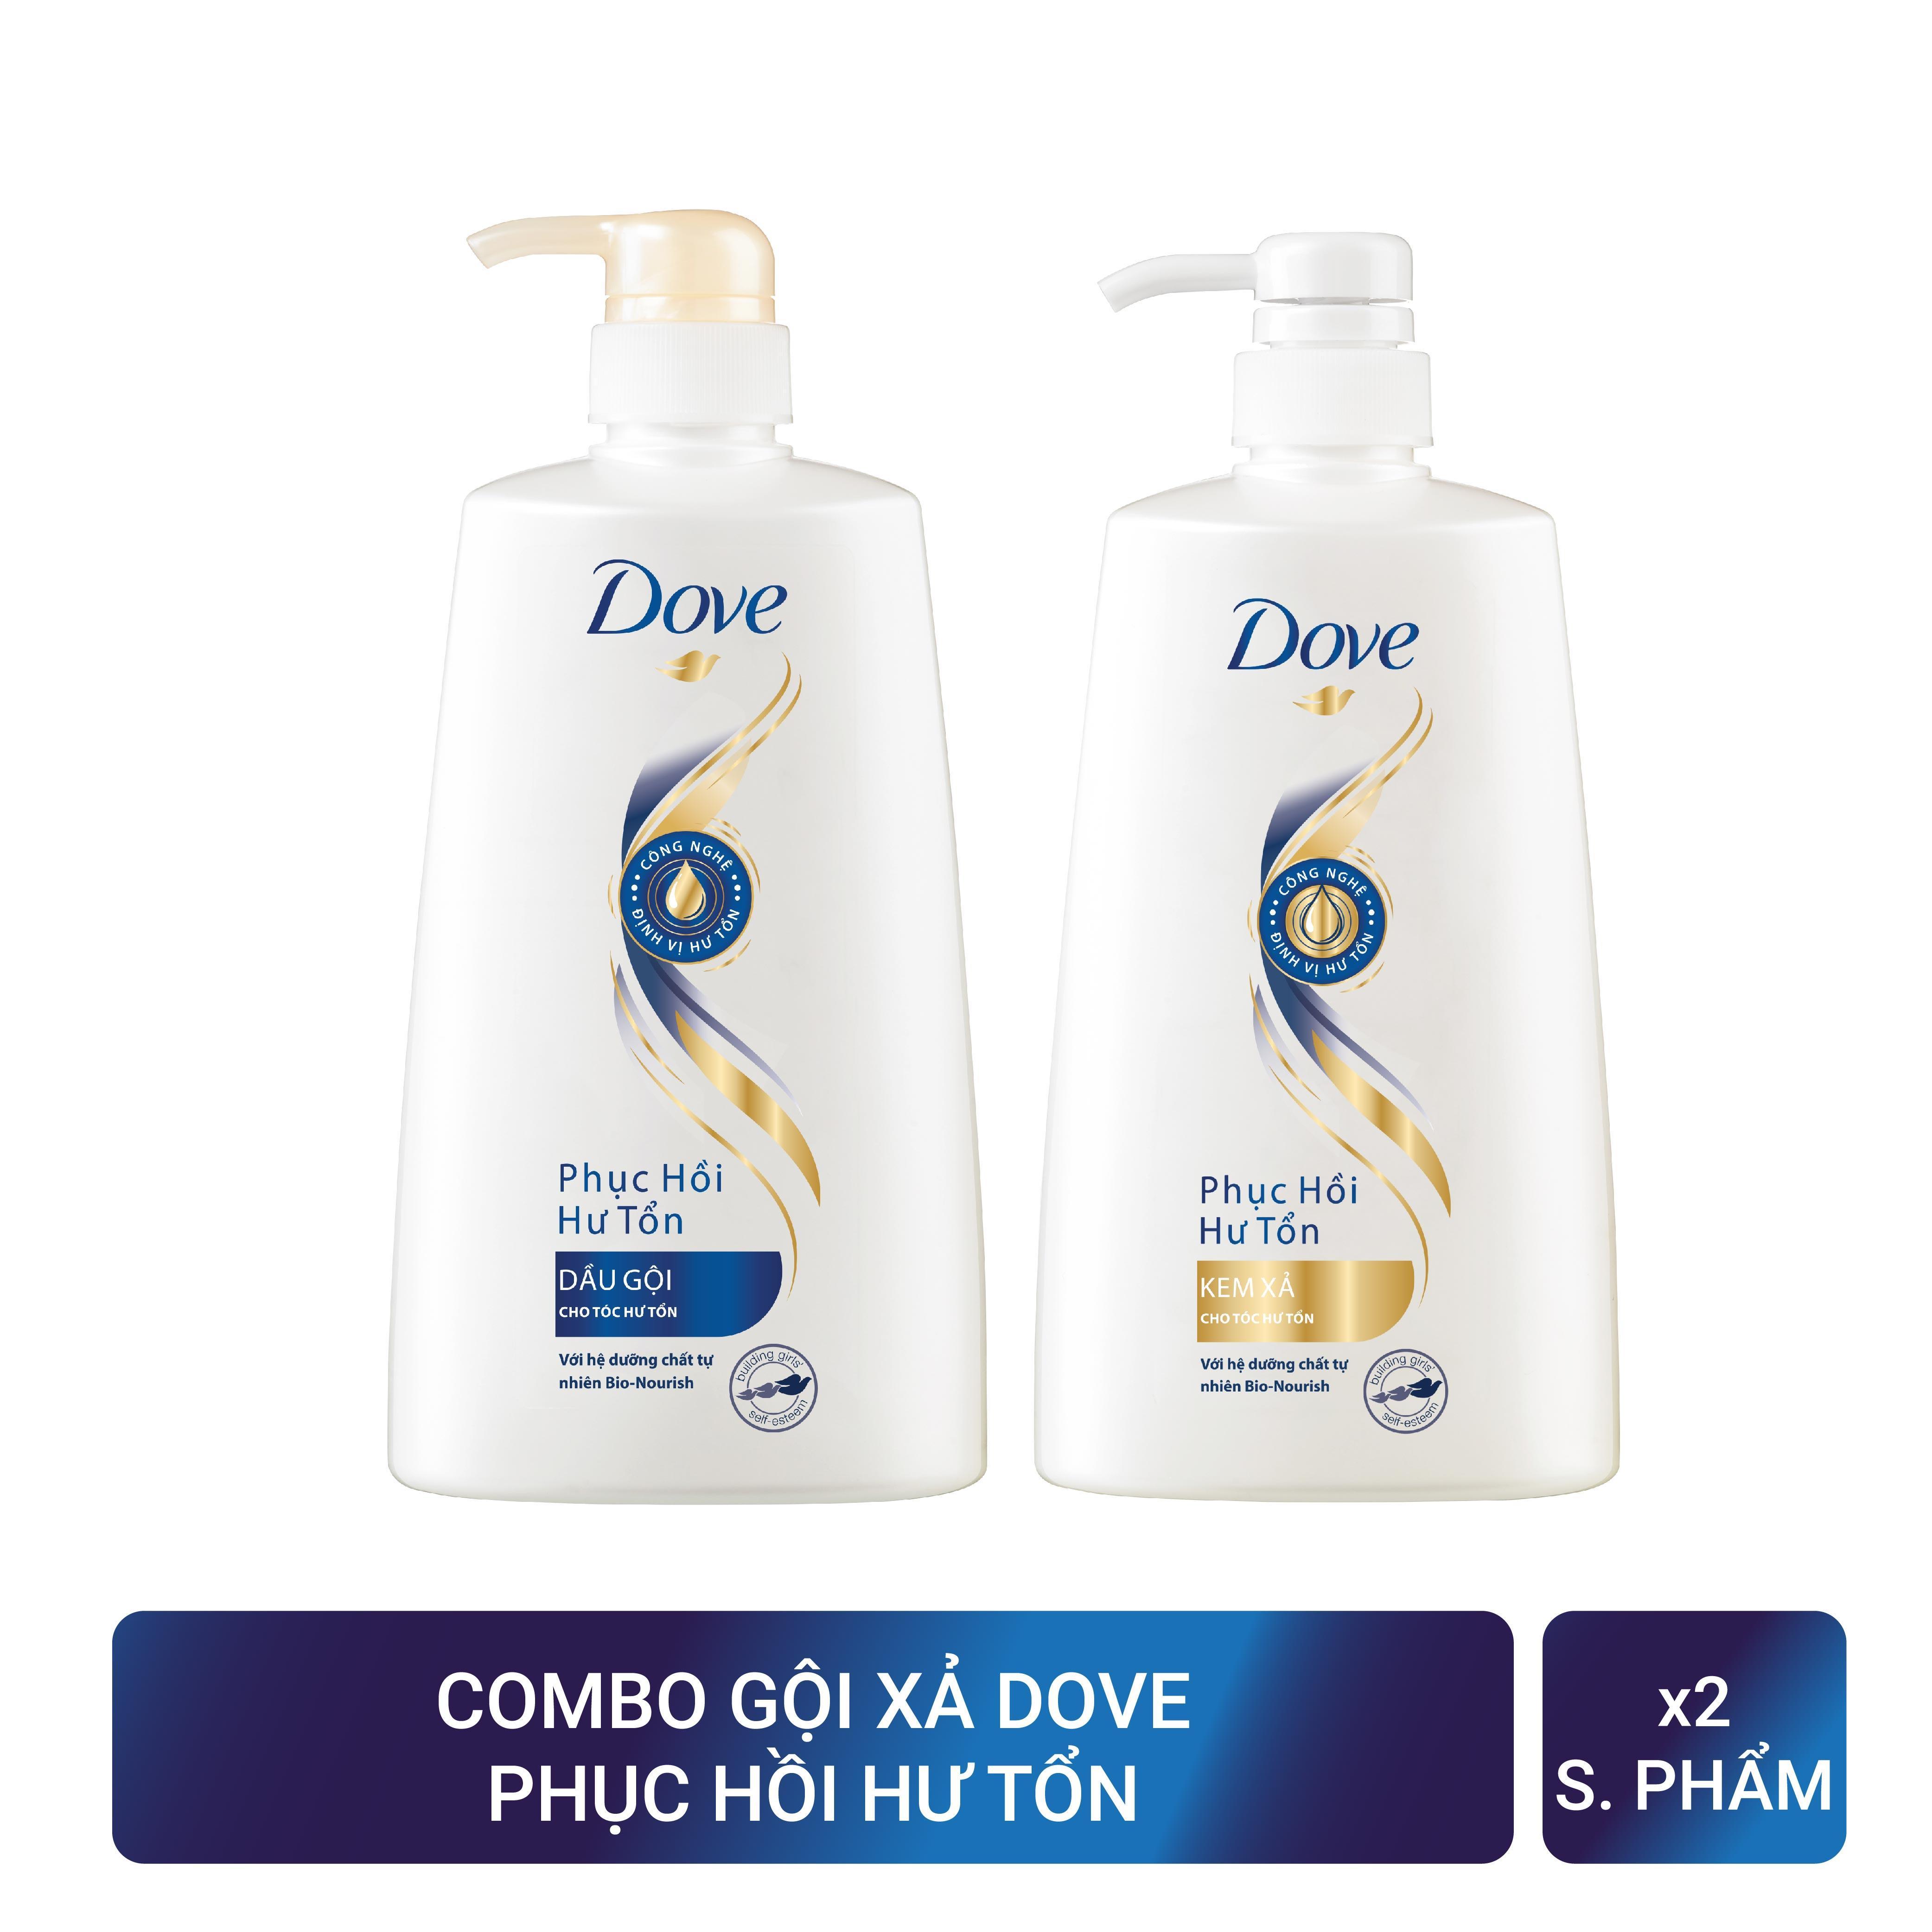 Combo Phục hồi hư tổn Dove dầu gội 650g và Kem xả 620g